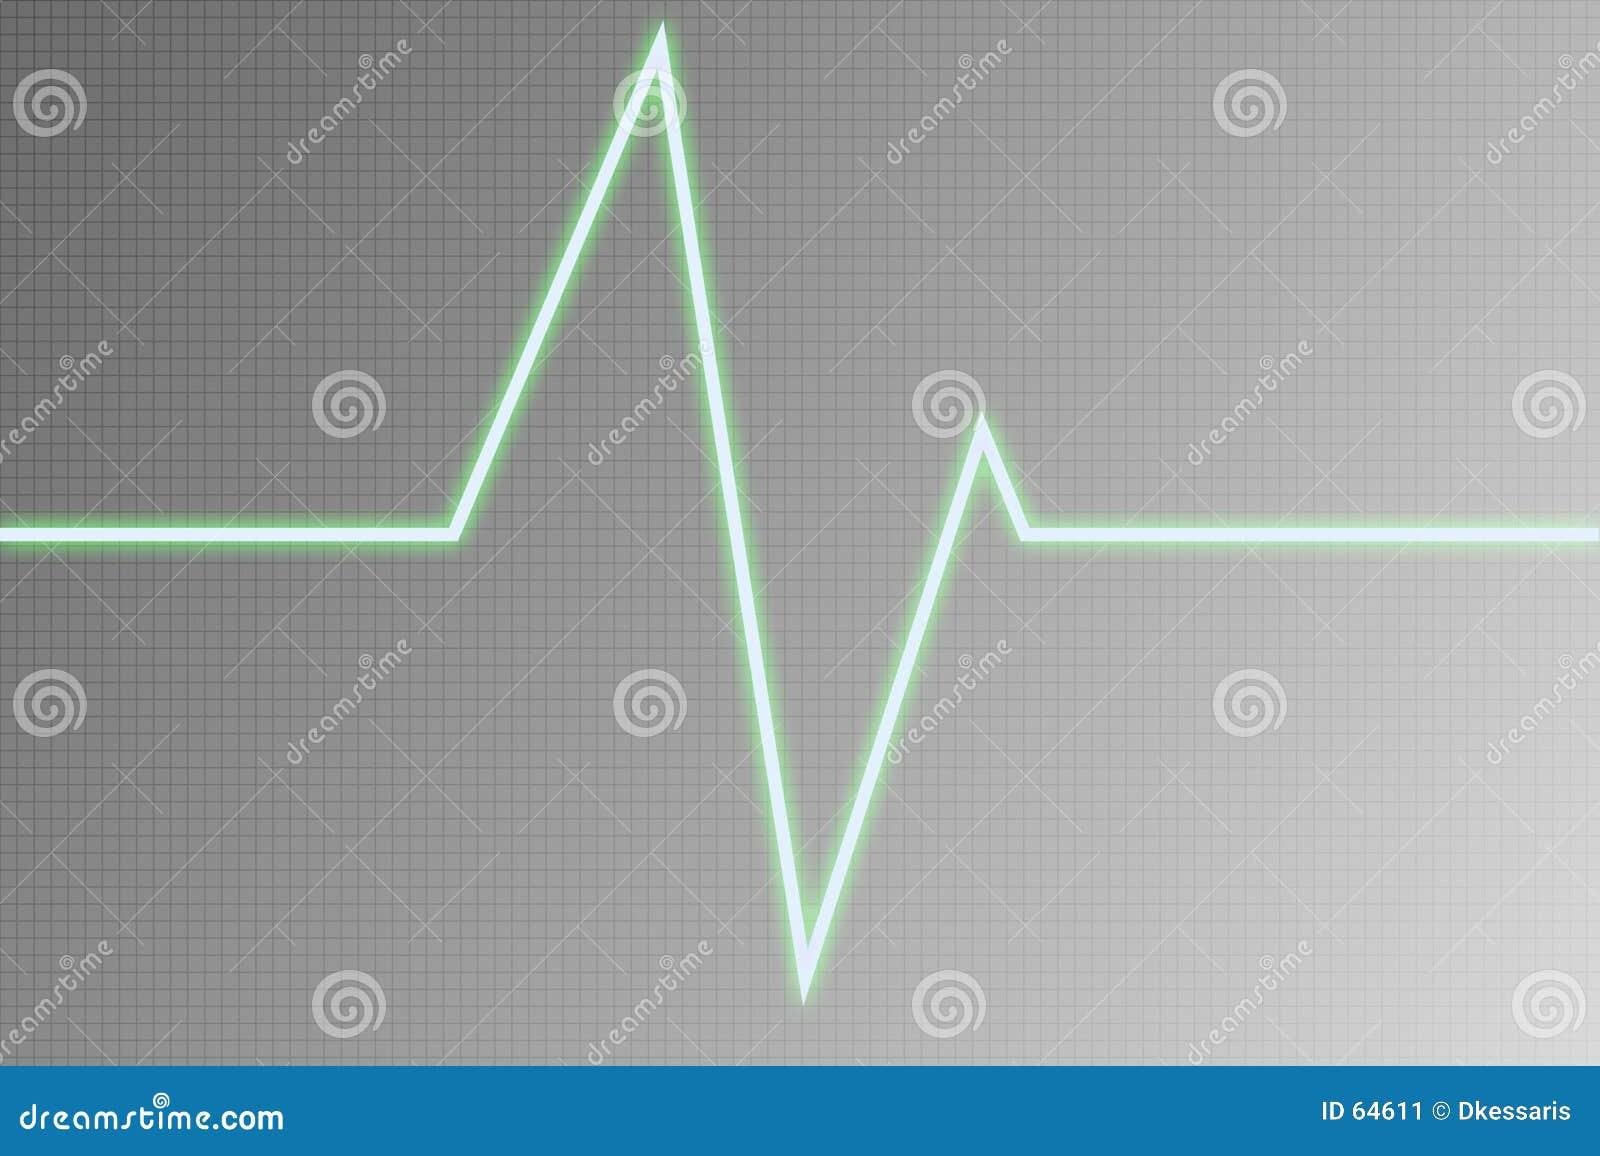 ραδιο κύμα καρδιογραφημά